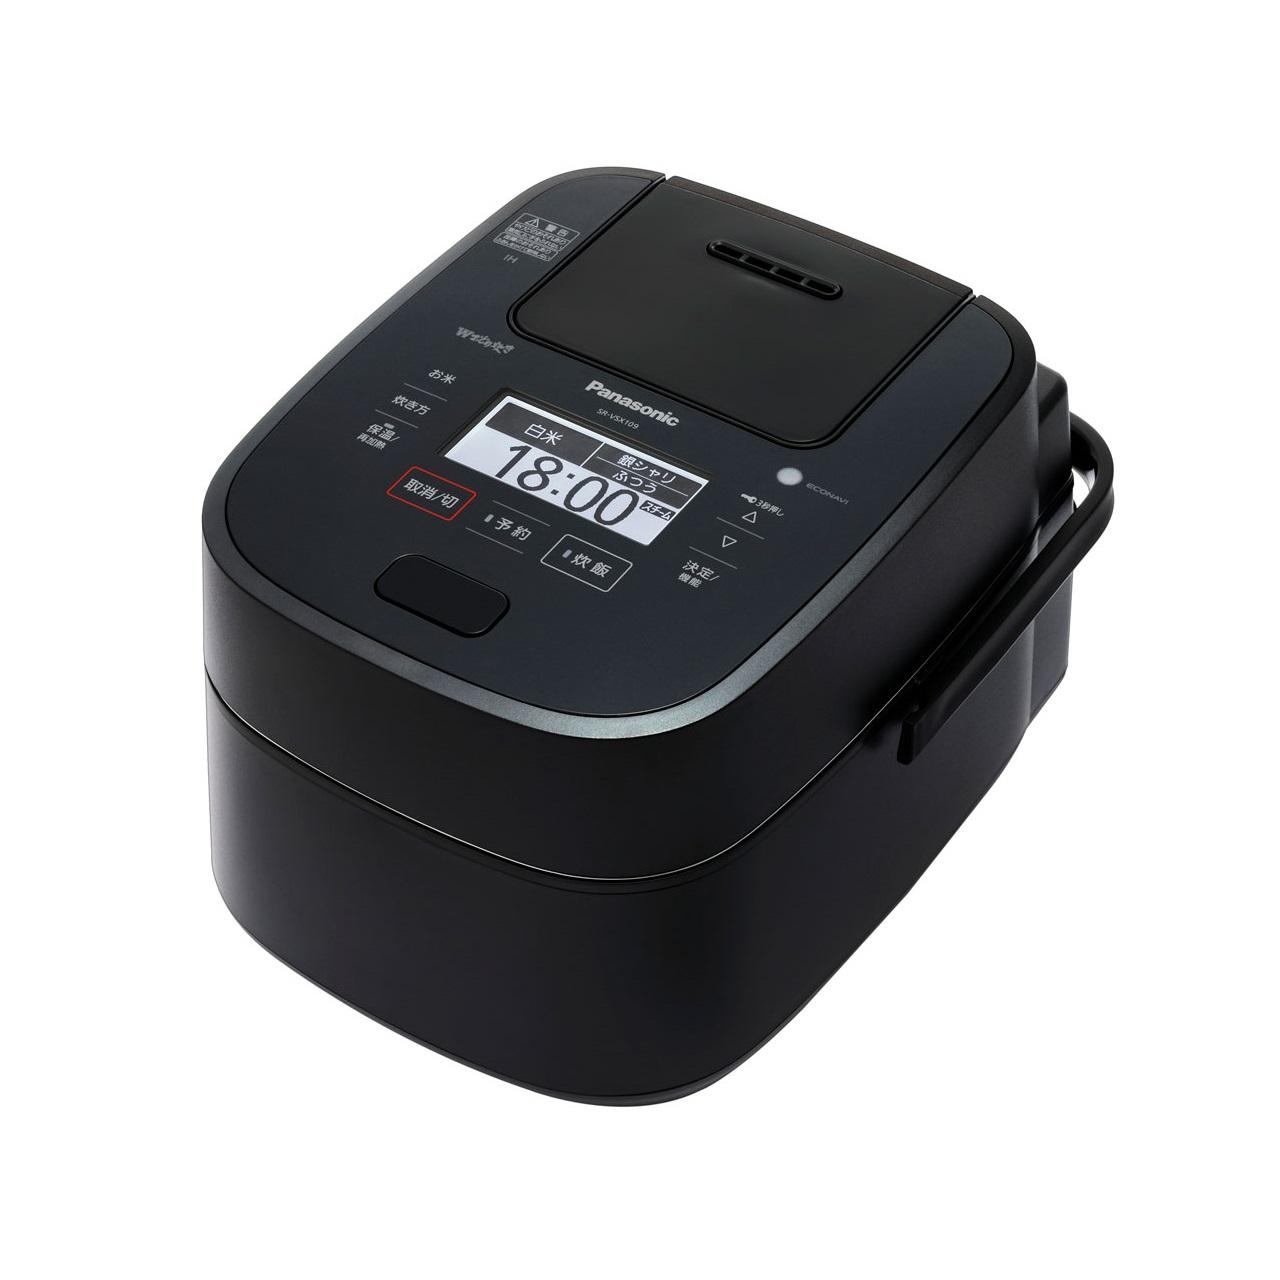 パナソニックWおどり炊きSR-VSX109スチーム&可変圧力IHジャー炊飯器